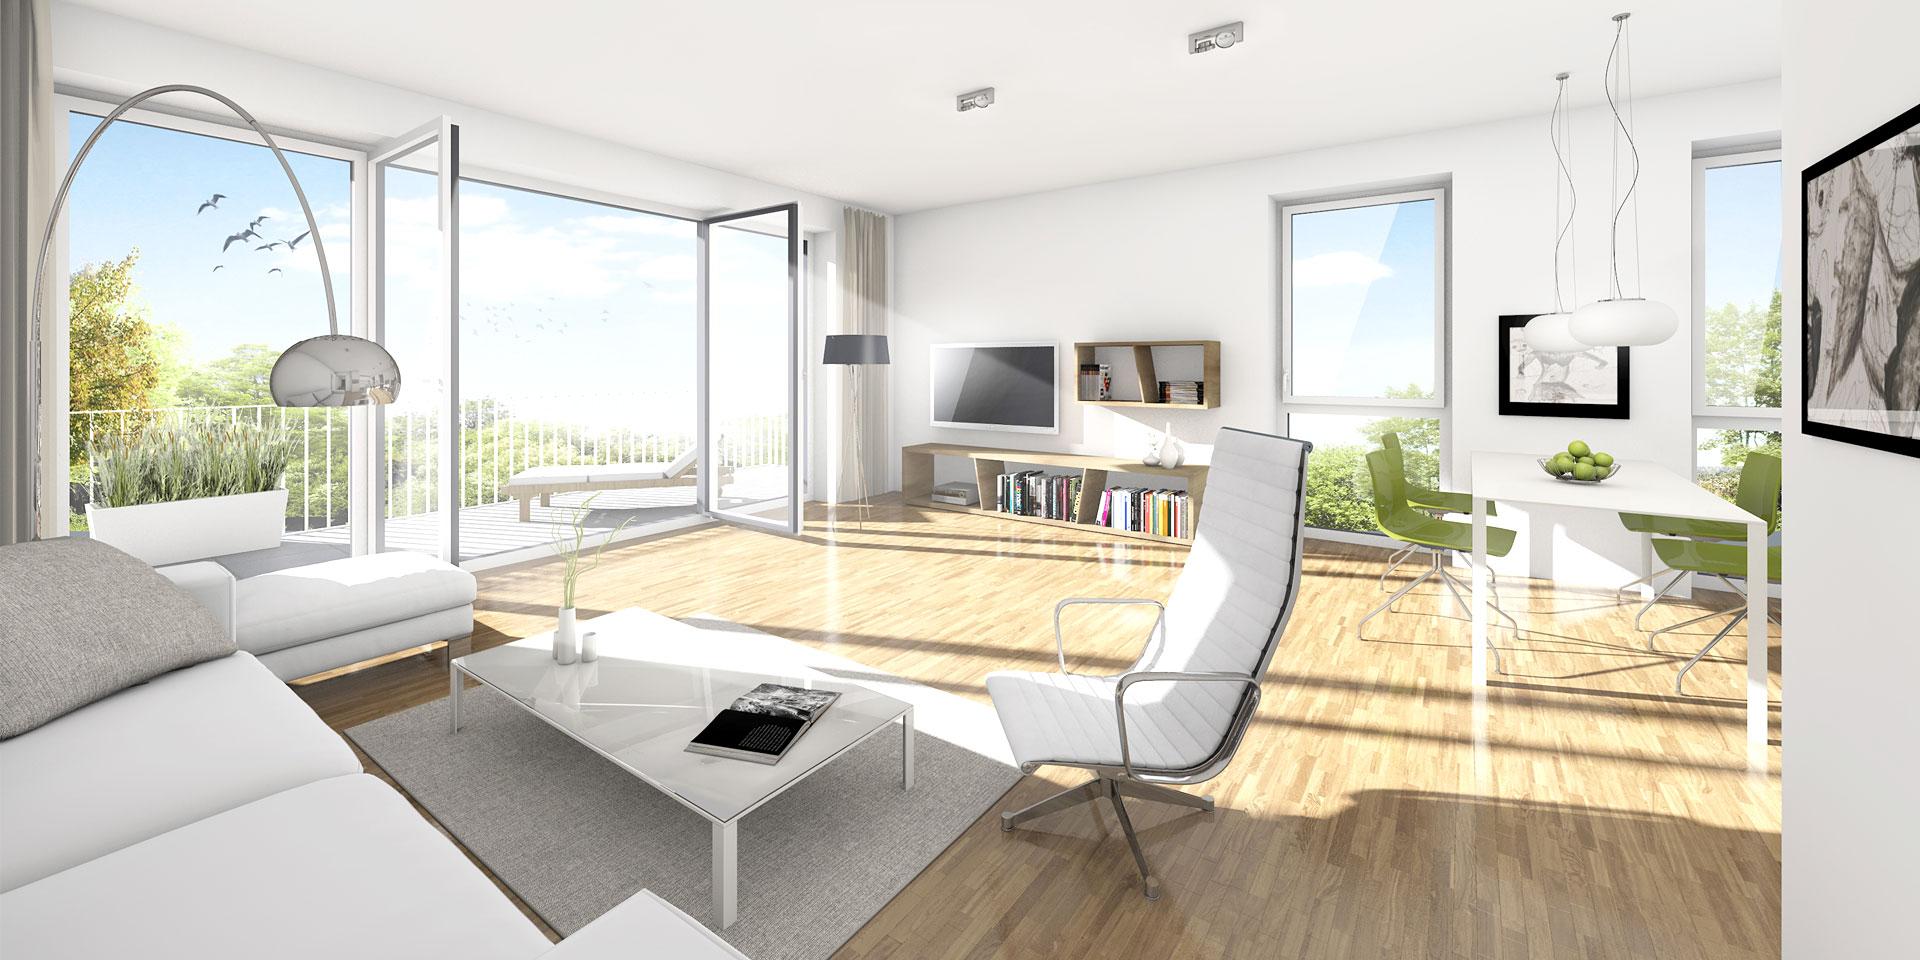 wiedepark rehder wohnungsbau gmbh. Black Bedroom Furniture Sets. Home Design Ideas